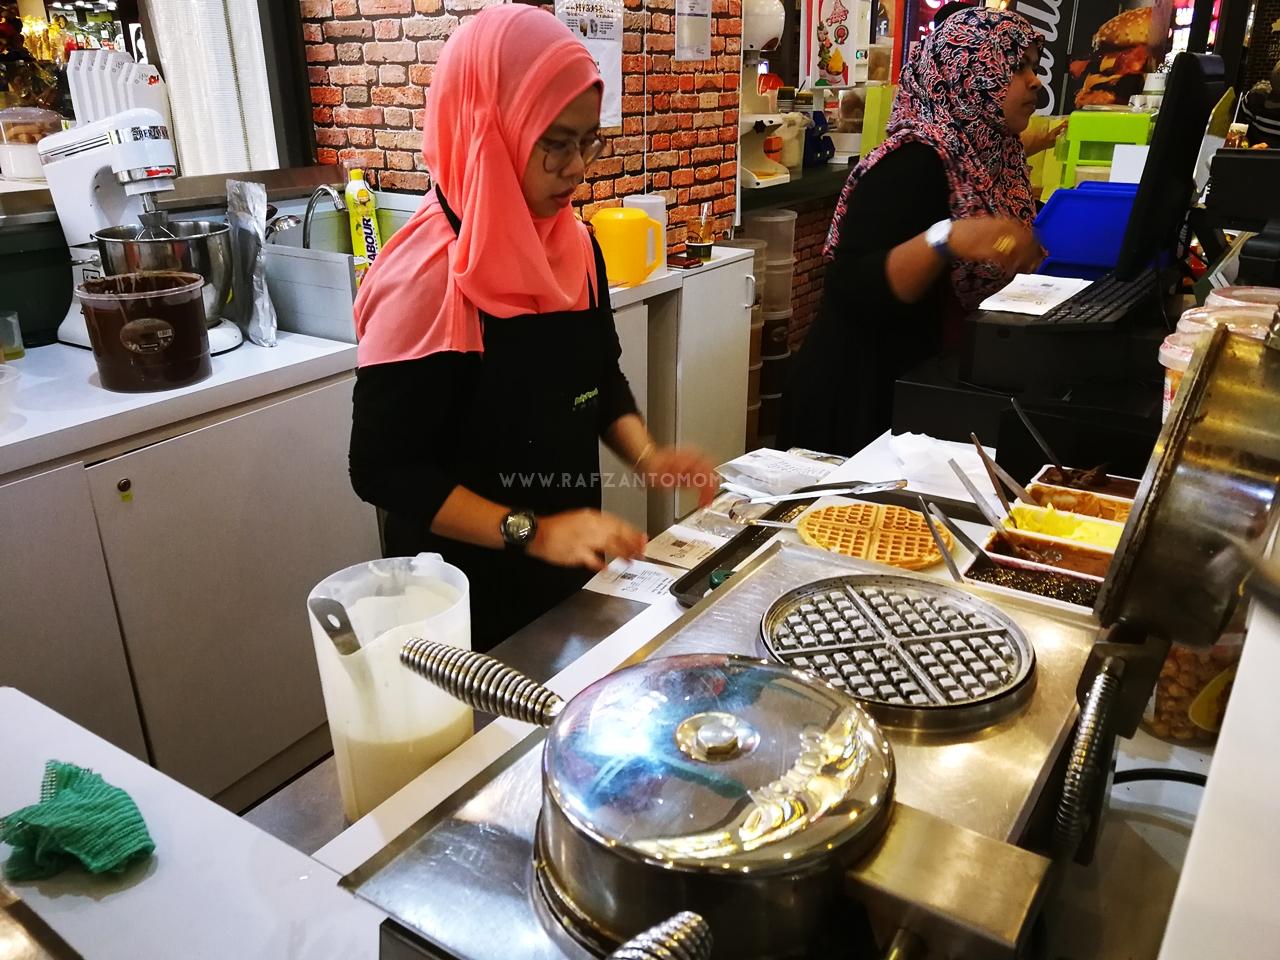 Melawati Mall Tour - Apa Yang Best Dekat Melawati Mall, Setapak